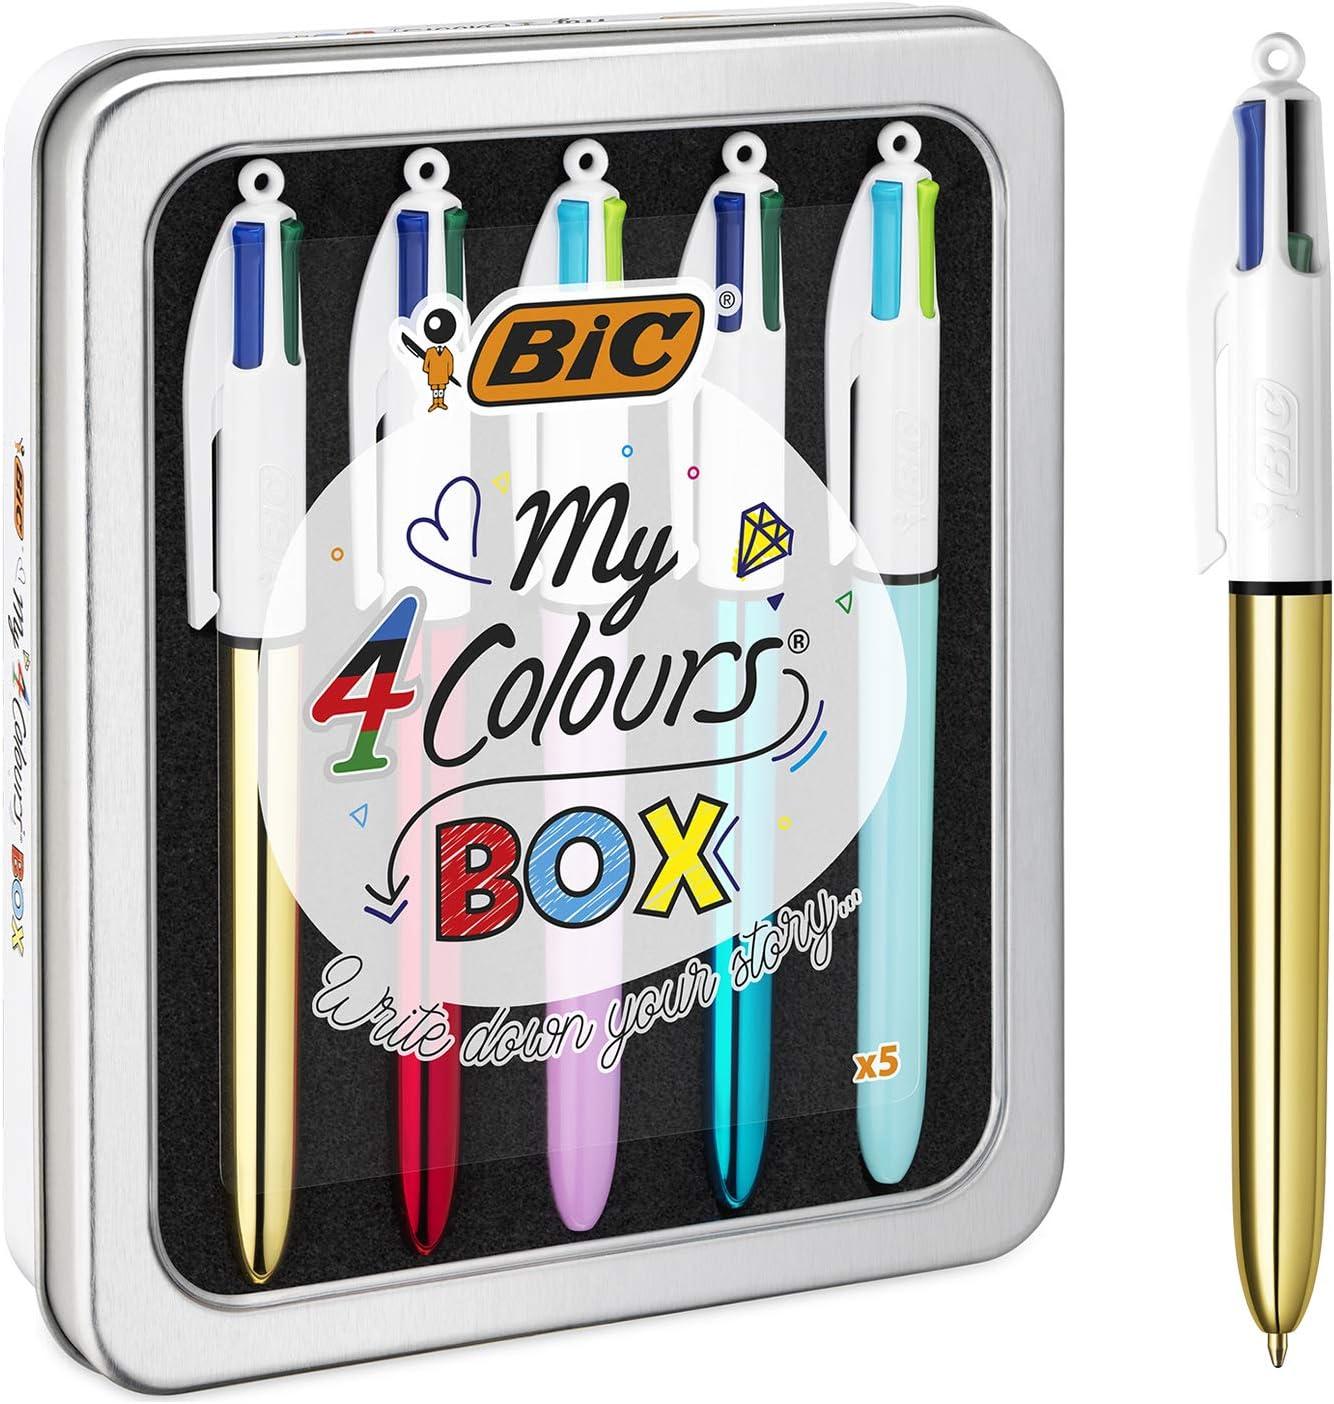 BIC My 4 Colours Box - bolígrafos, Caja de 5: Amazon.es: Oficina y papelería